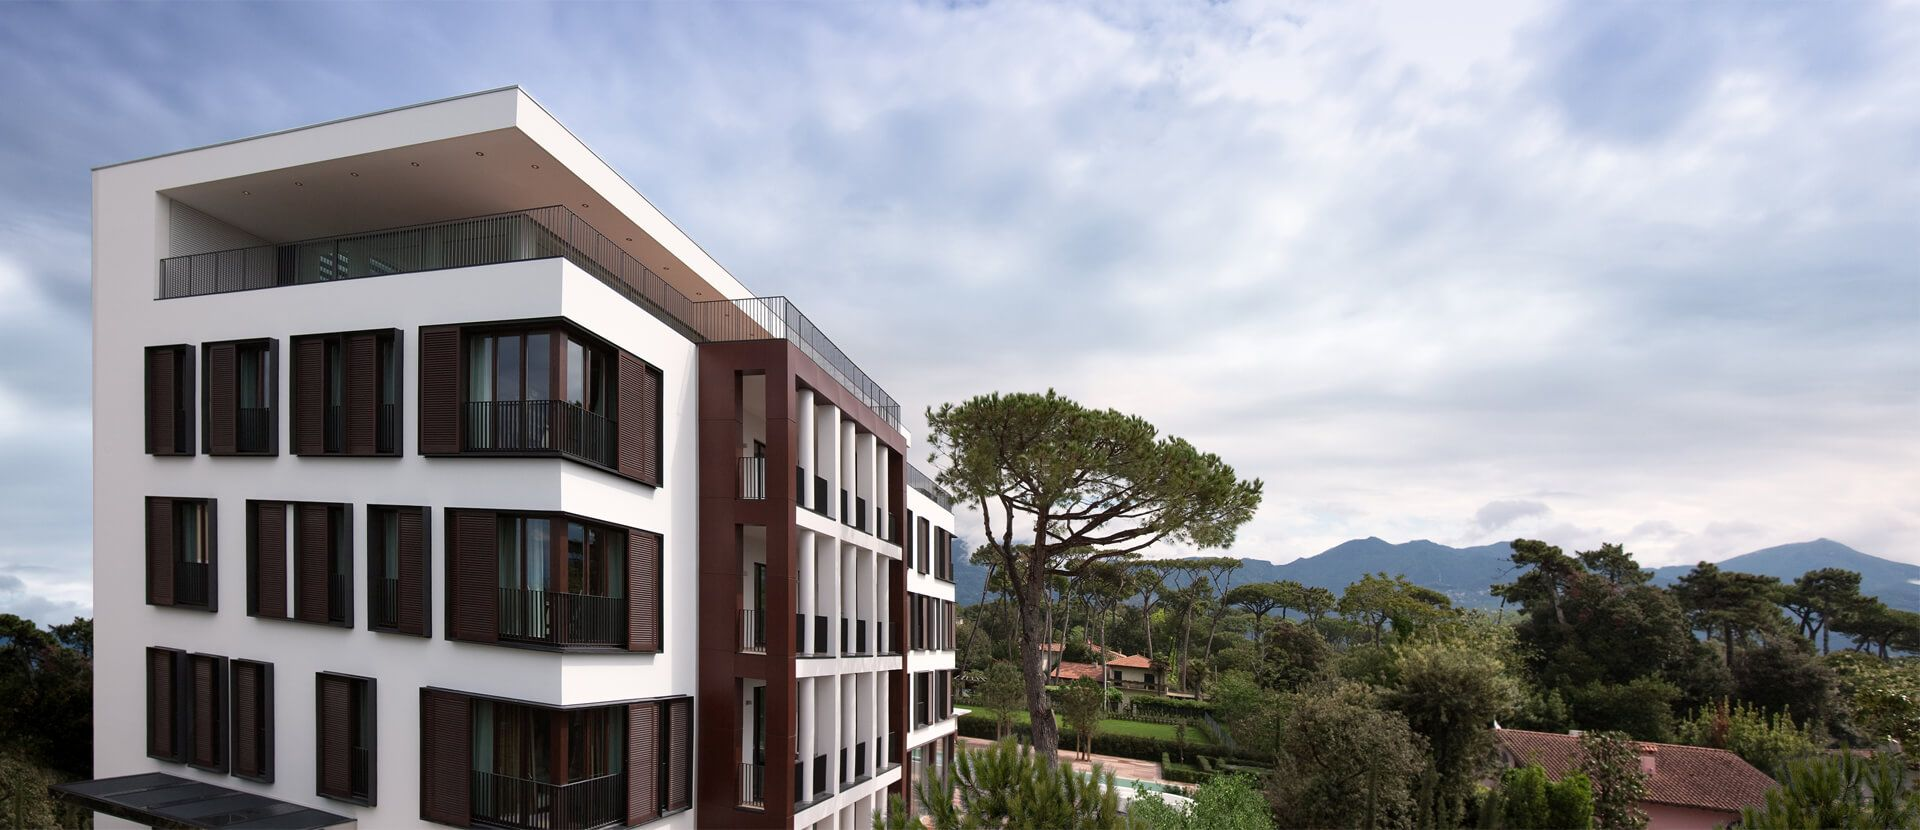 Principe Forte dei Marmi, Tuscan Riviera